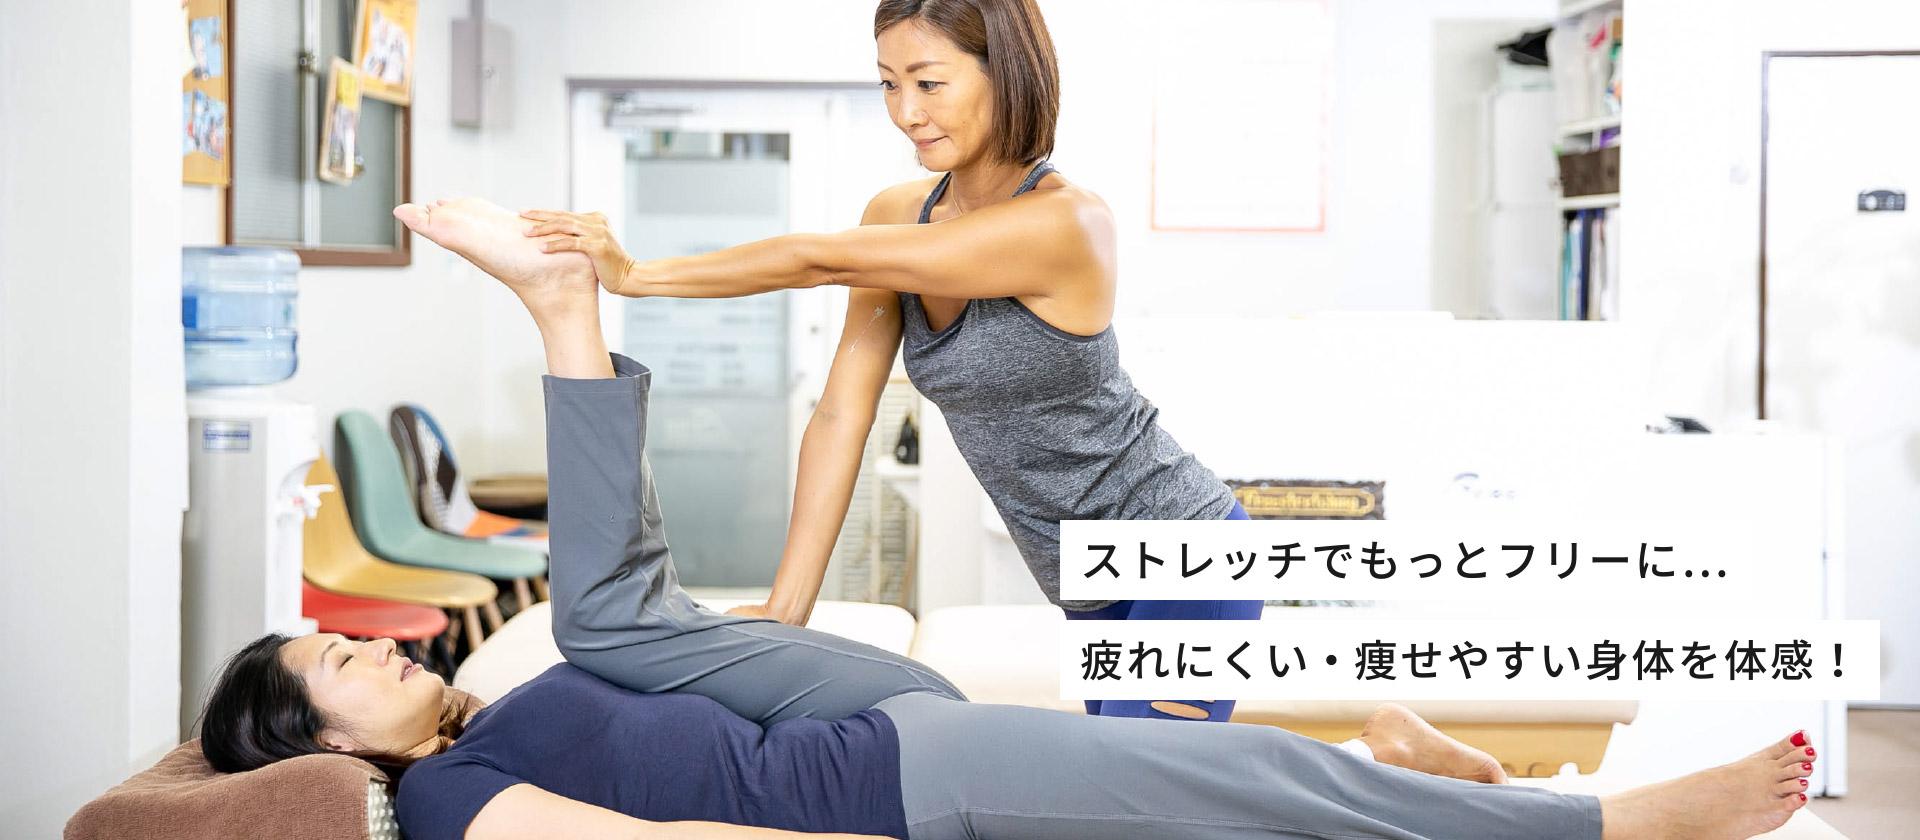 ストレッチでもっとフリーに、疲れにくい・痩せやすい身体を体感!